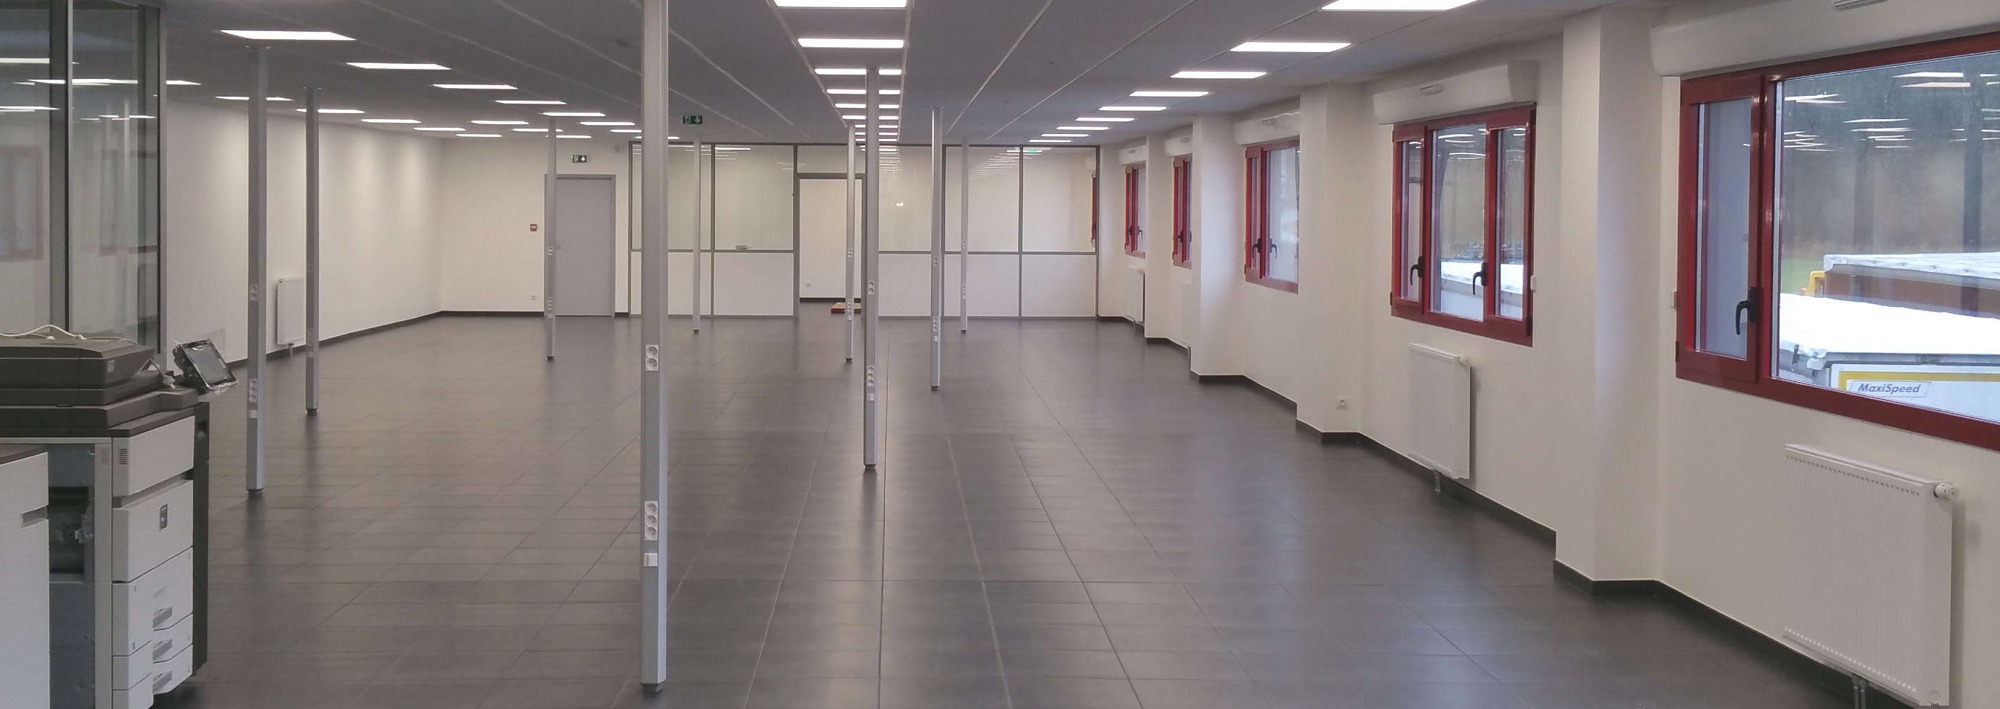 SCI-DELA-Bussurel-70-Extension-batiment-industriel-bureaux-atelier